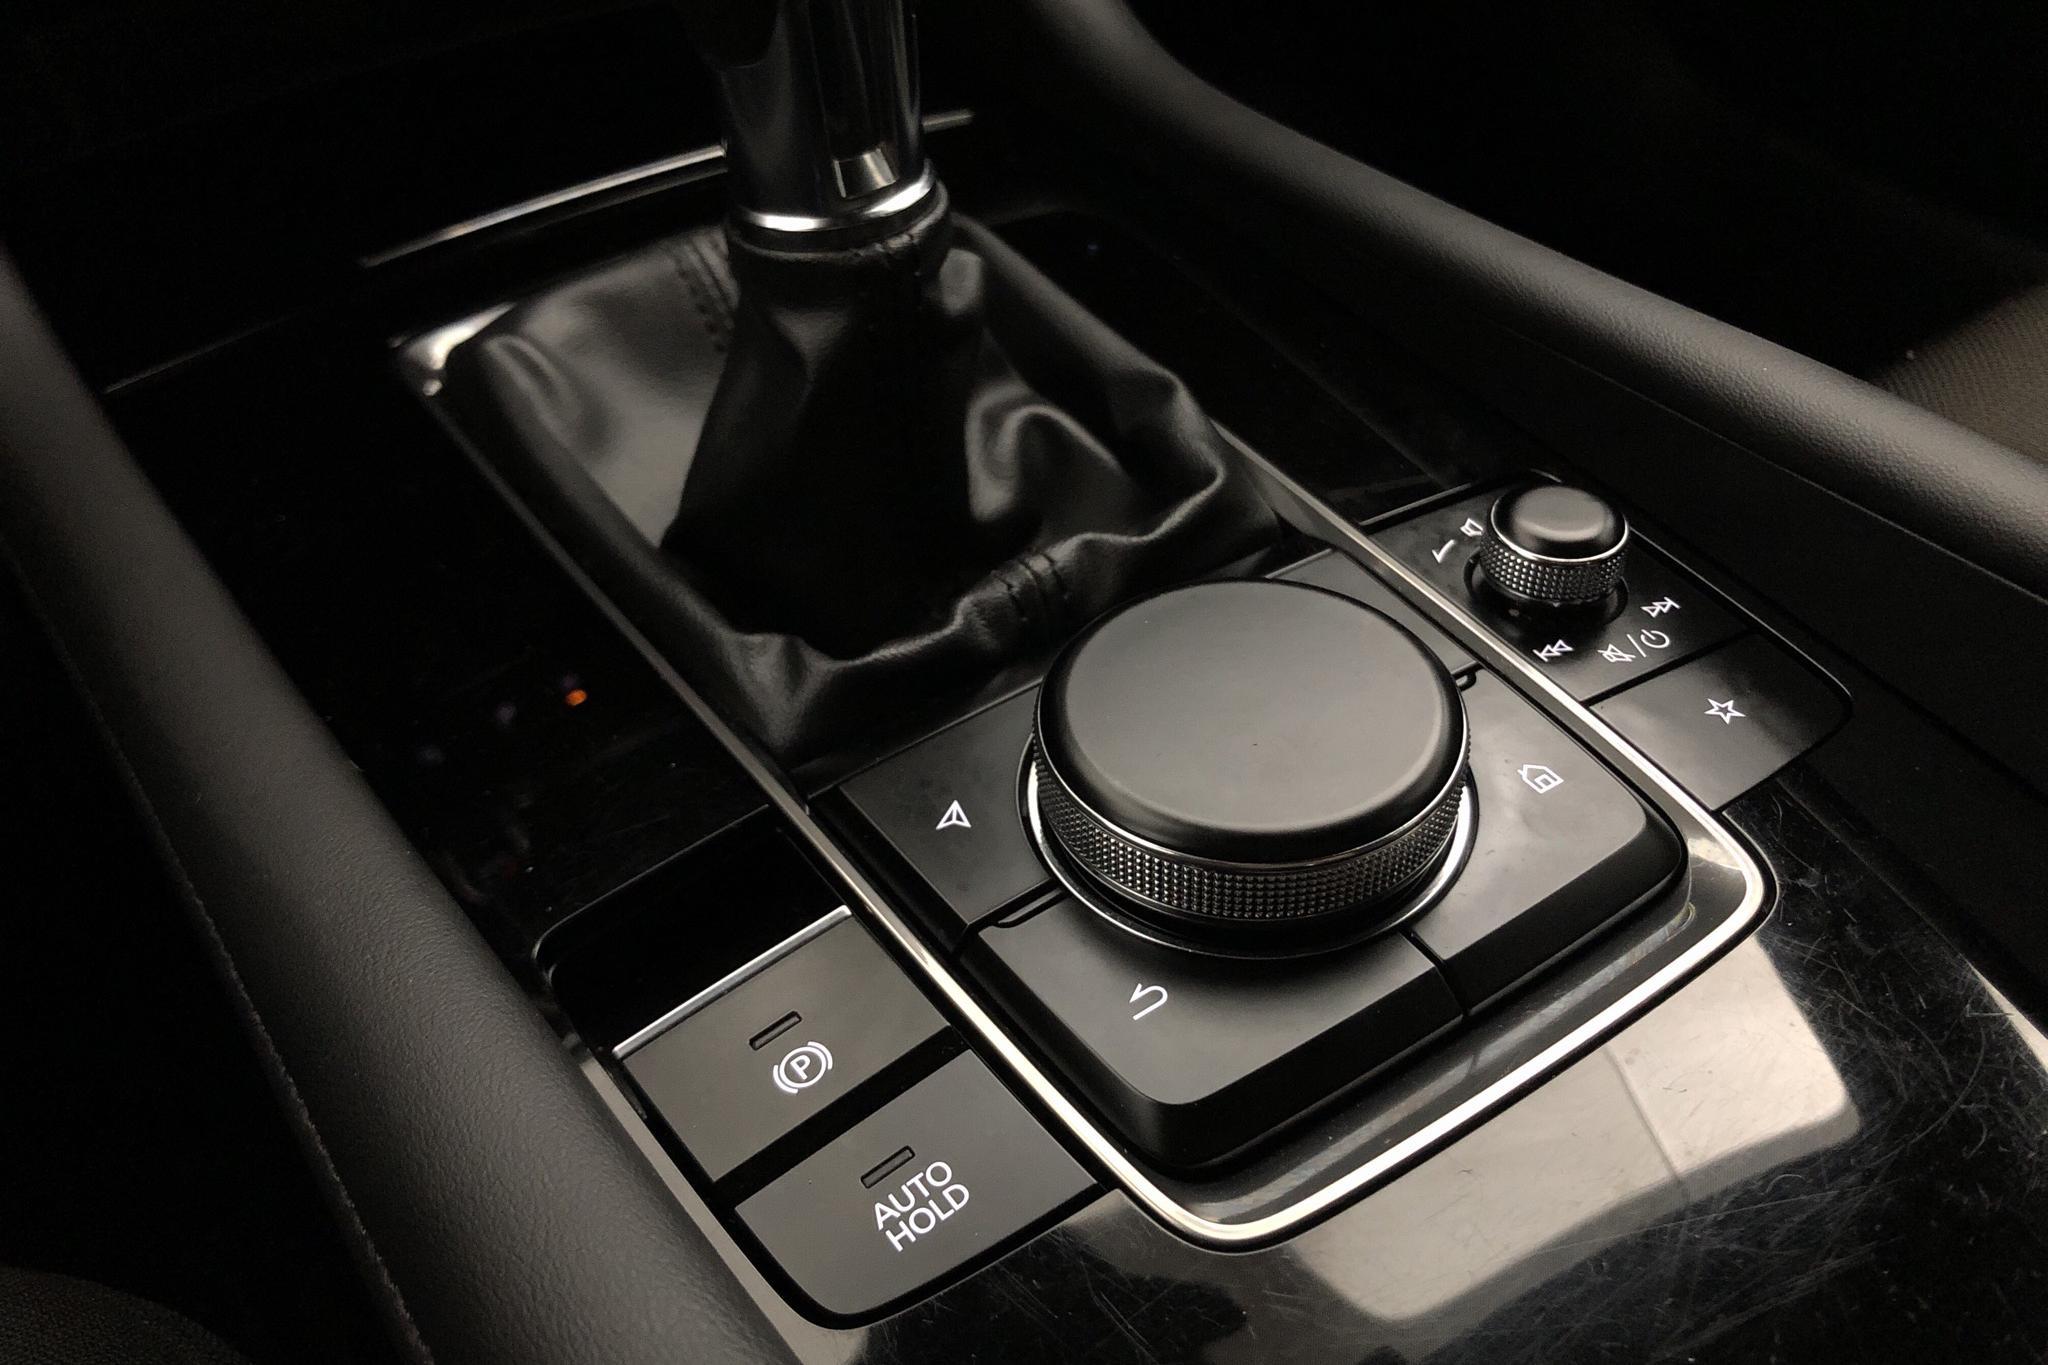 Mazda 3 2.0 5dr (180hk) - 34 300 km - Manual - white - 2020